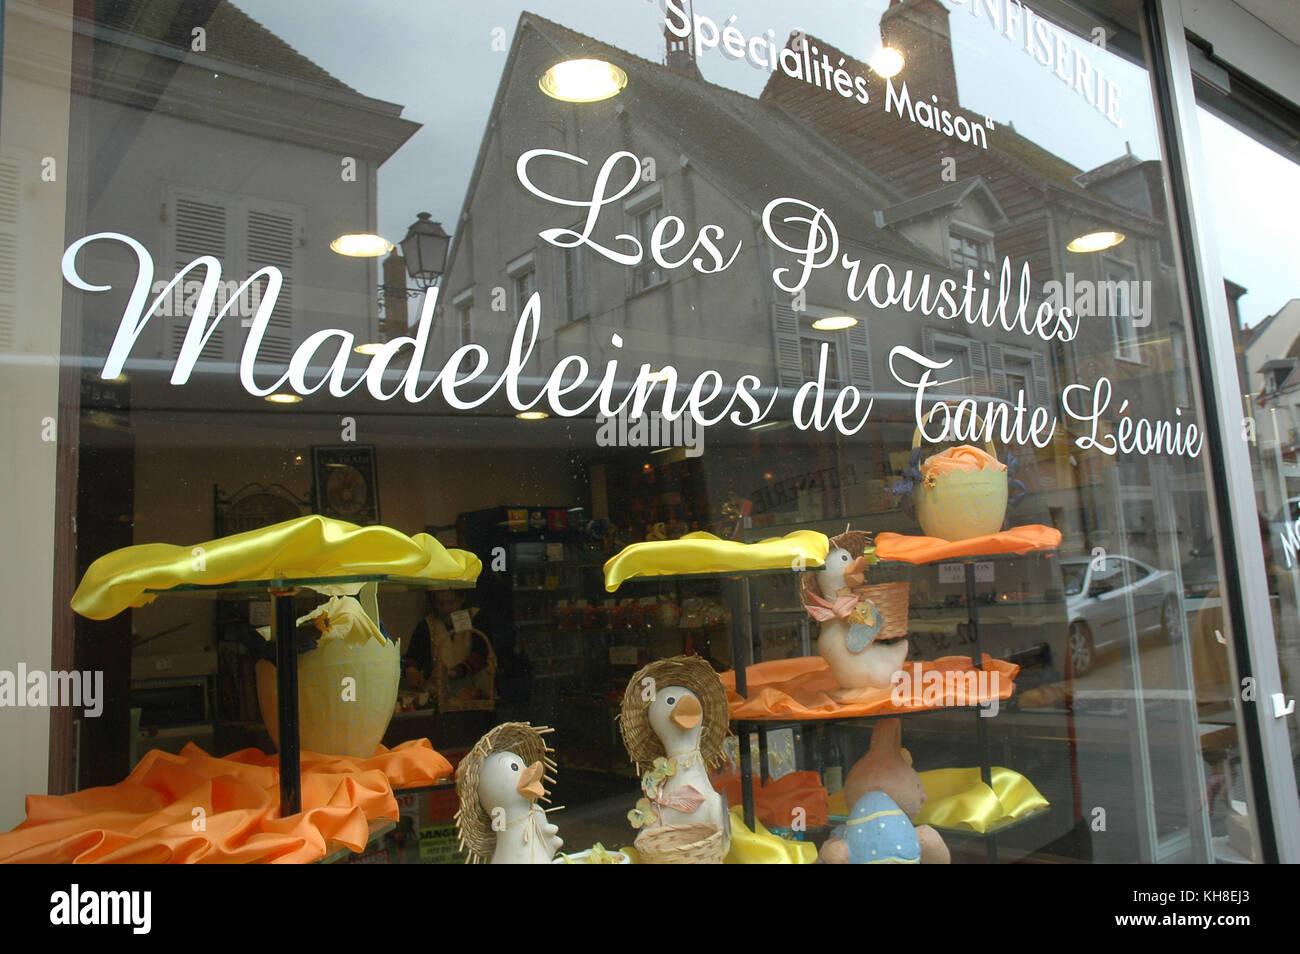 Store, 2008, Les Proustilles Madeleines de Tante Léonie, Combray da recherche Proust Illiers, France - Stock Image